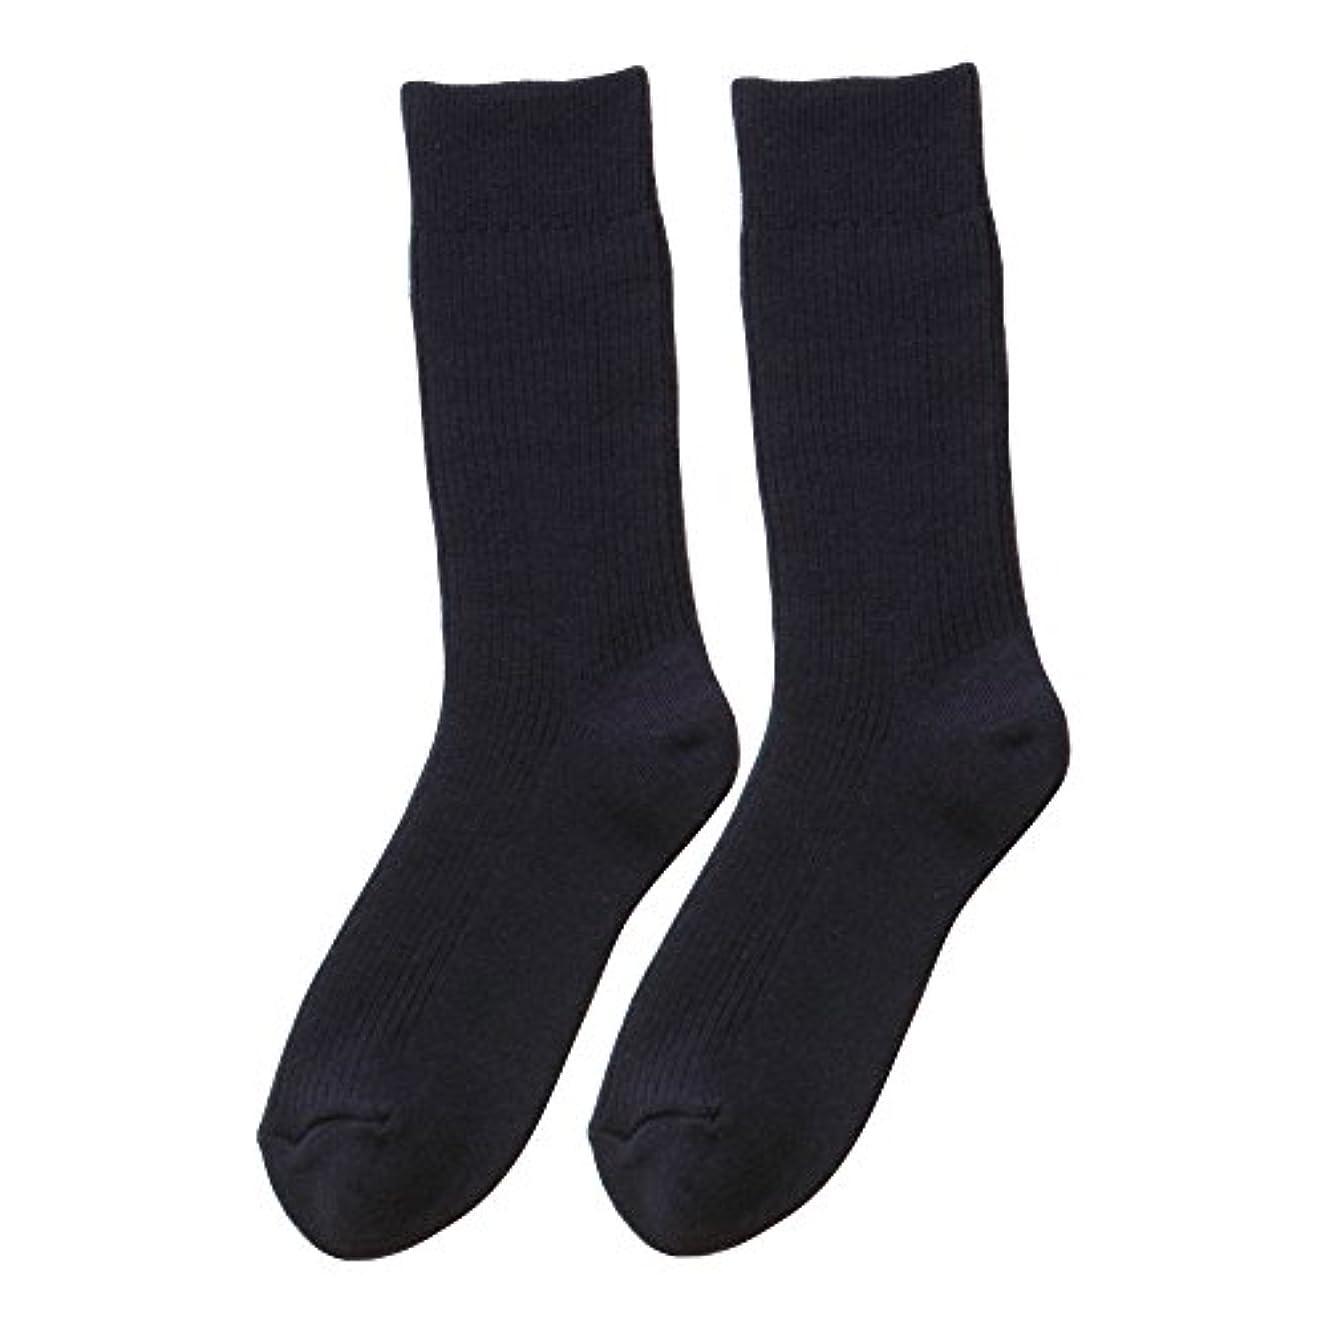 規則性シャベル実行ひだまり ダブルソックス 紳士用 靴下[24~26cm] コン